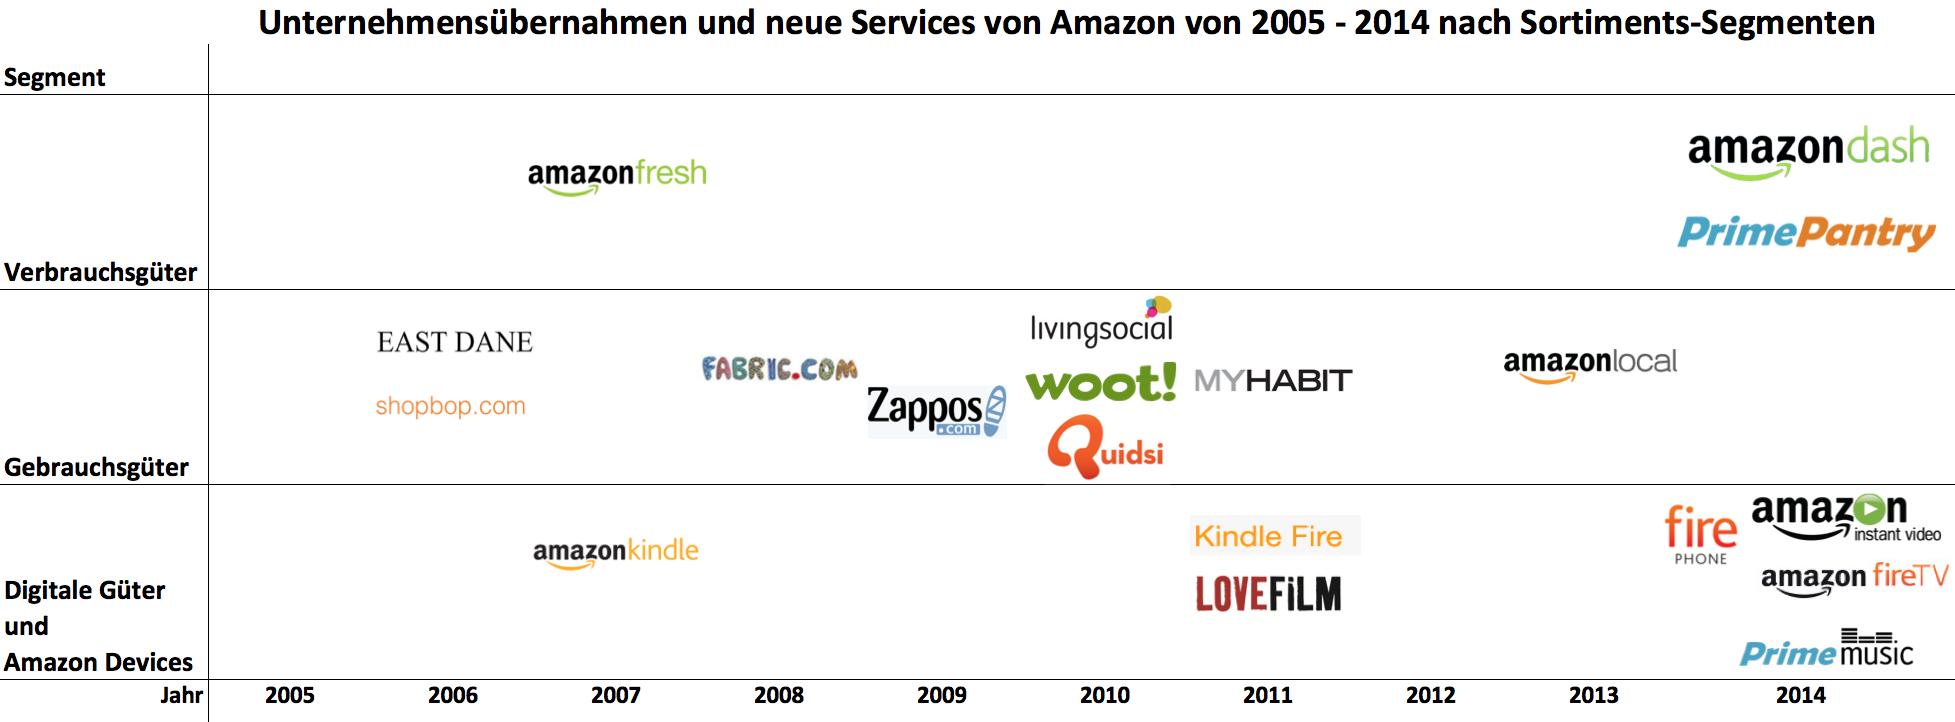 Übernahmen und neue Services von Amazon 2005 bis 2014